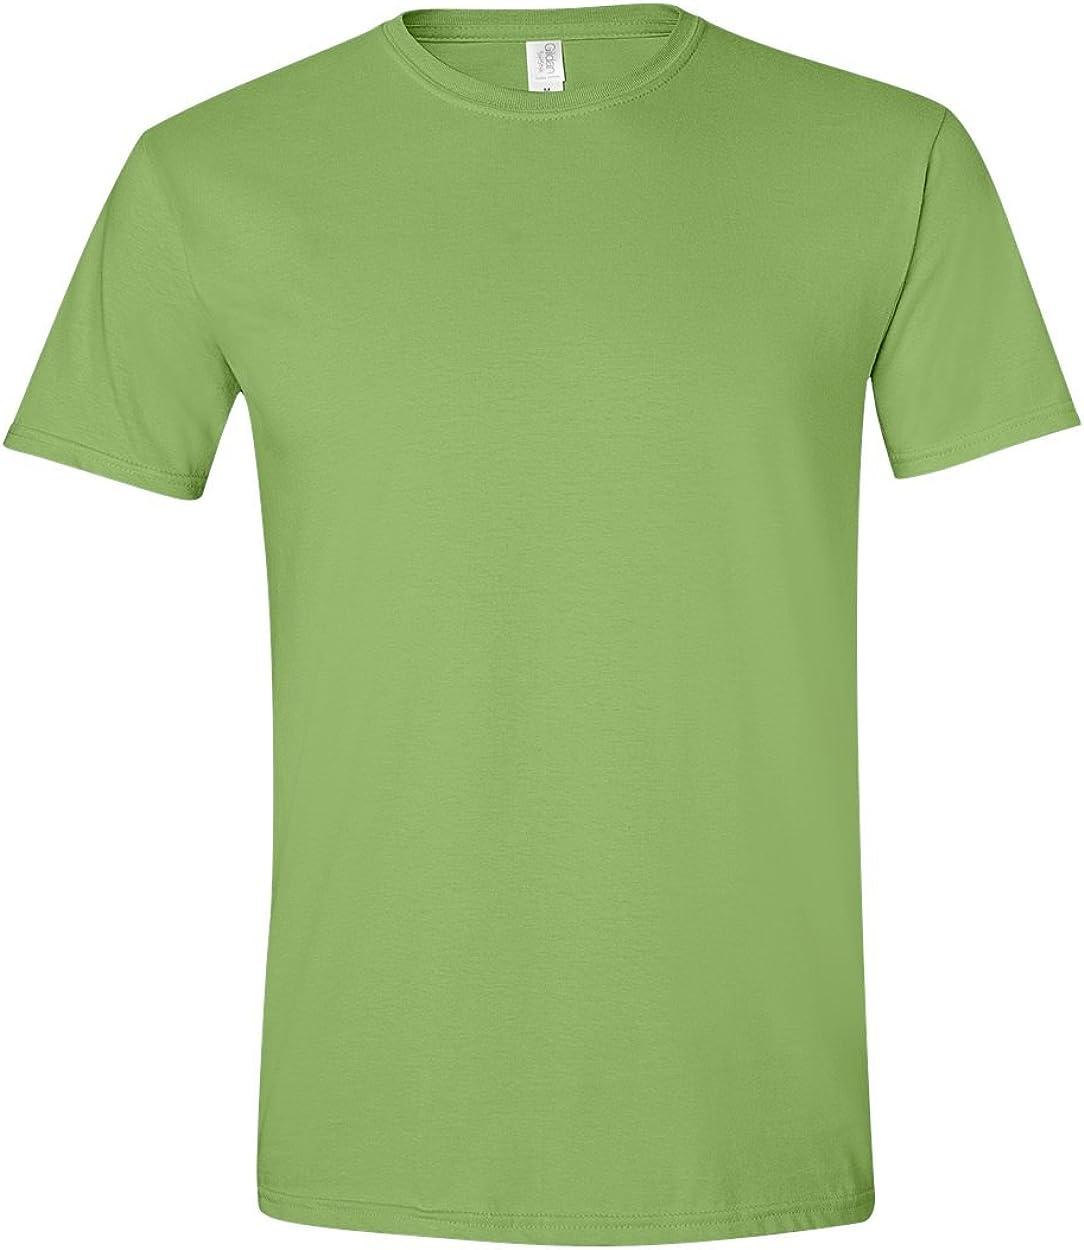 4.5 oz. T-Shirt (G640) Kiwi Green, XL (Pack of 12)